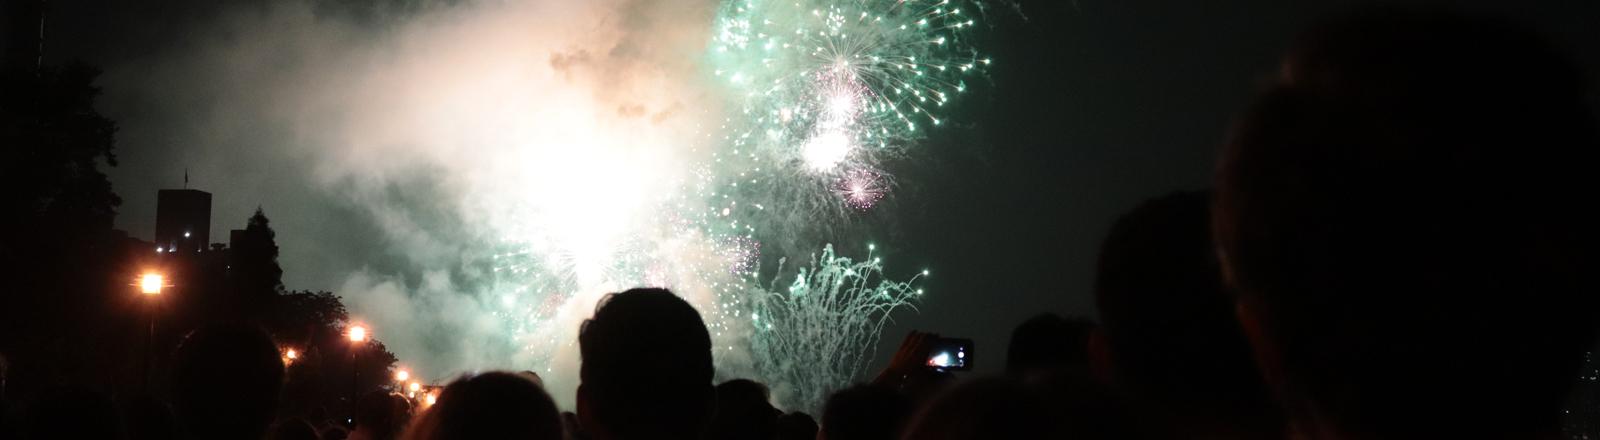 Menschen vor Feuerwerk und Rauch